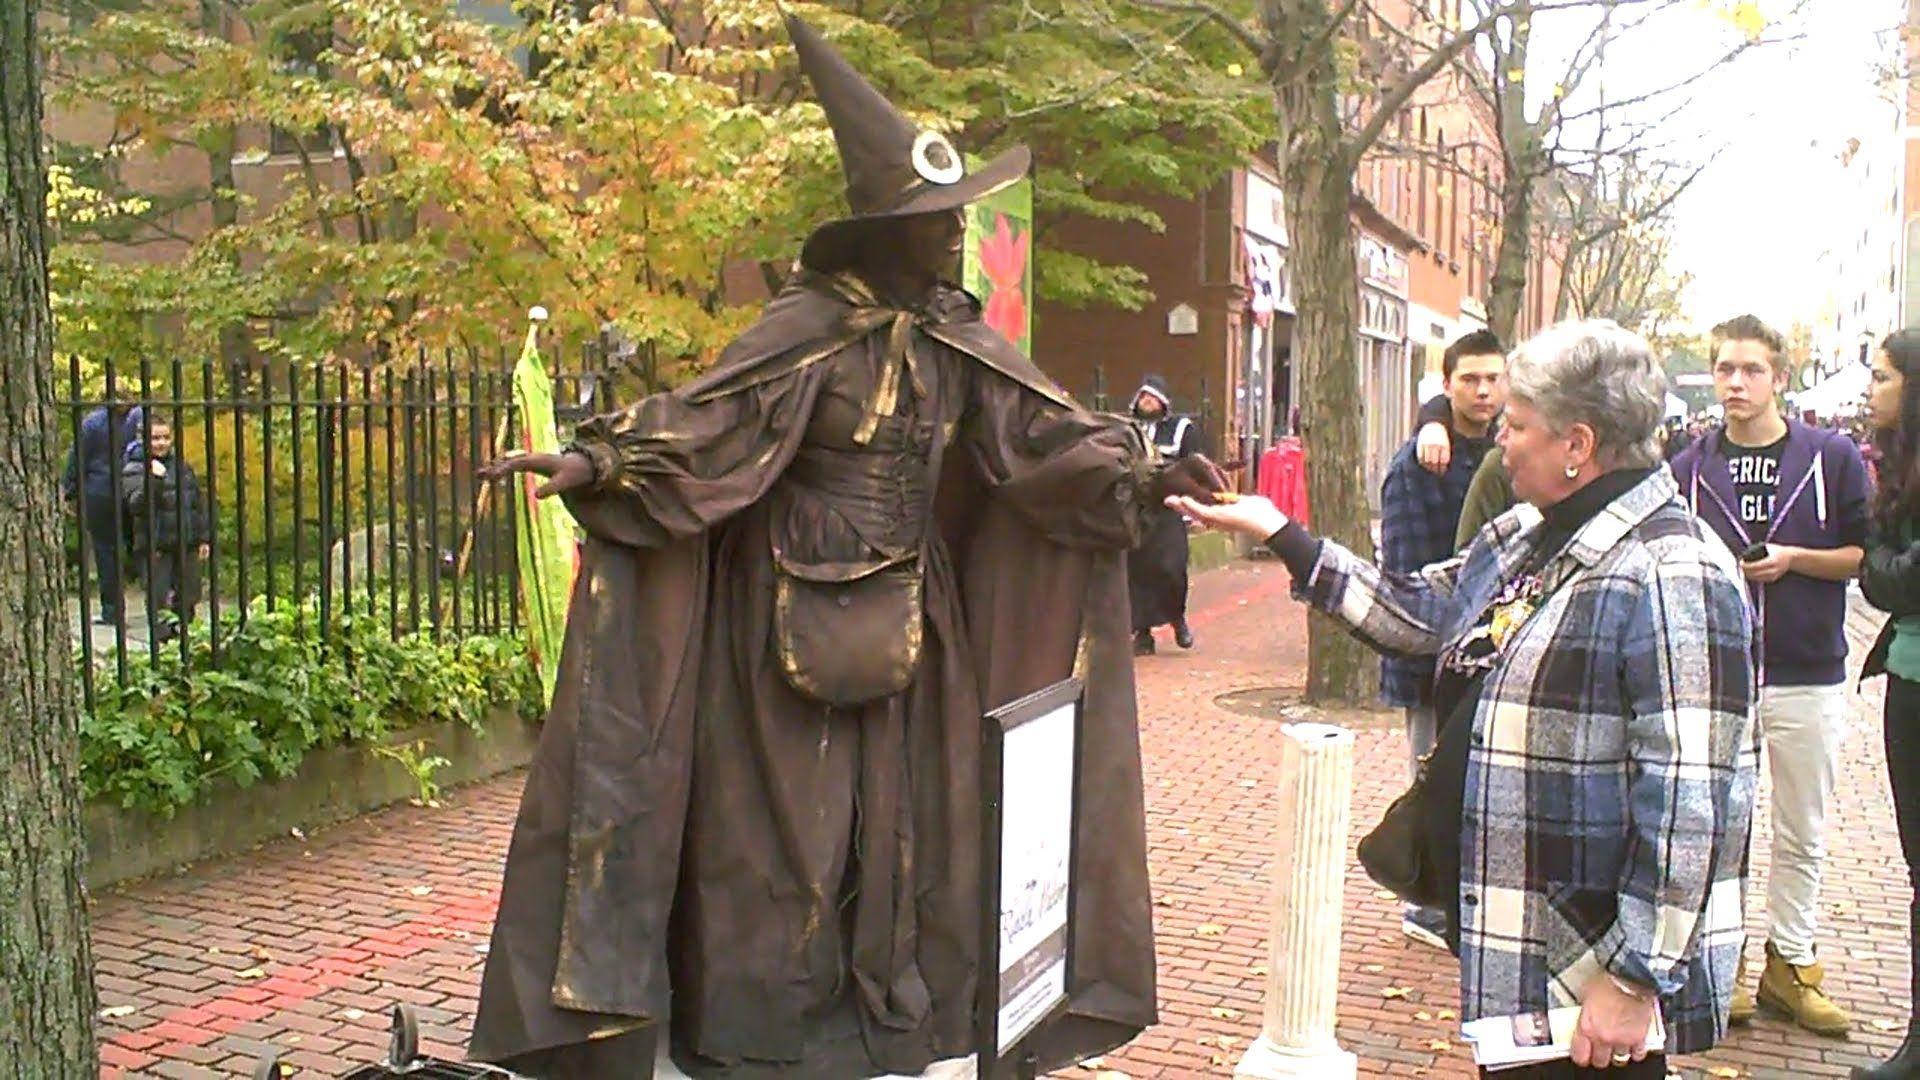 Halloween Mädchen Kostüme Inspirierend Salem Massachusetts Halloween Festivities the Parade Of